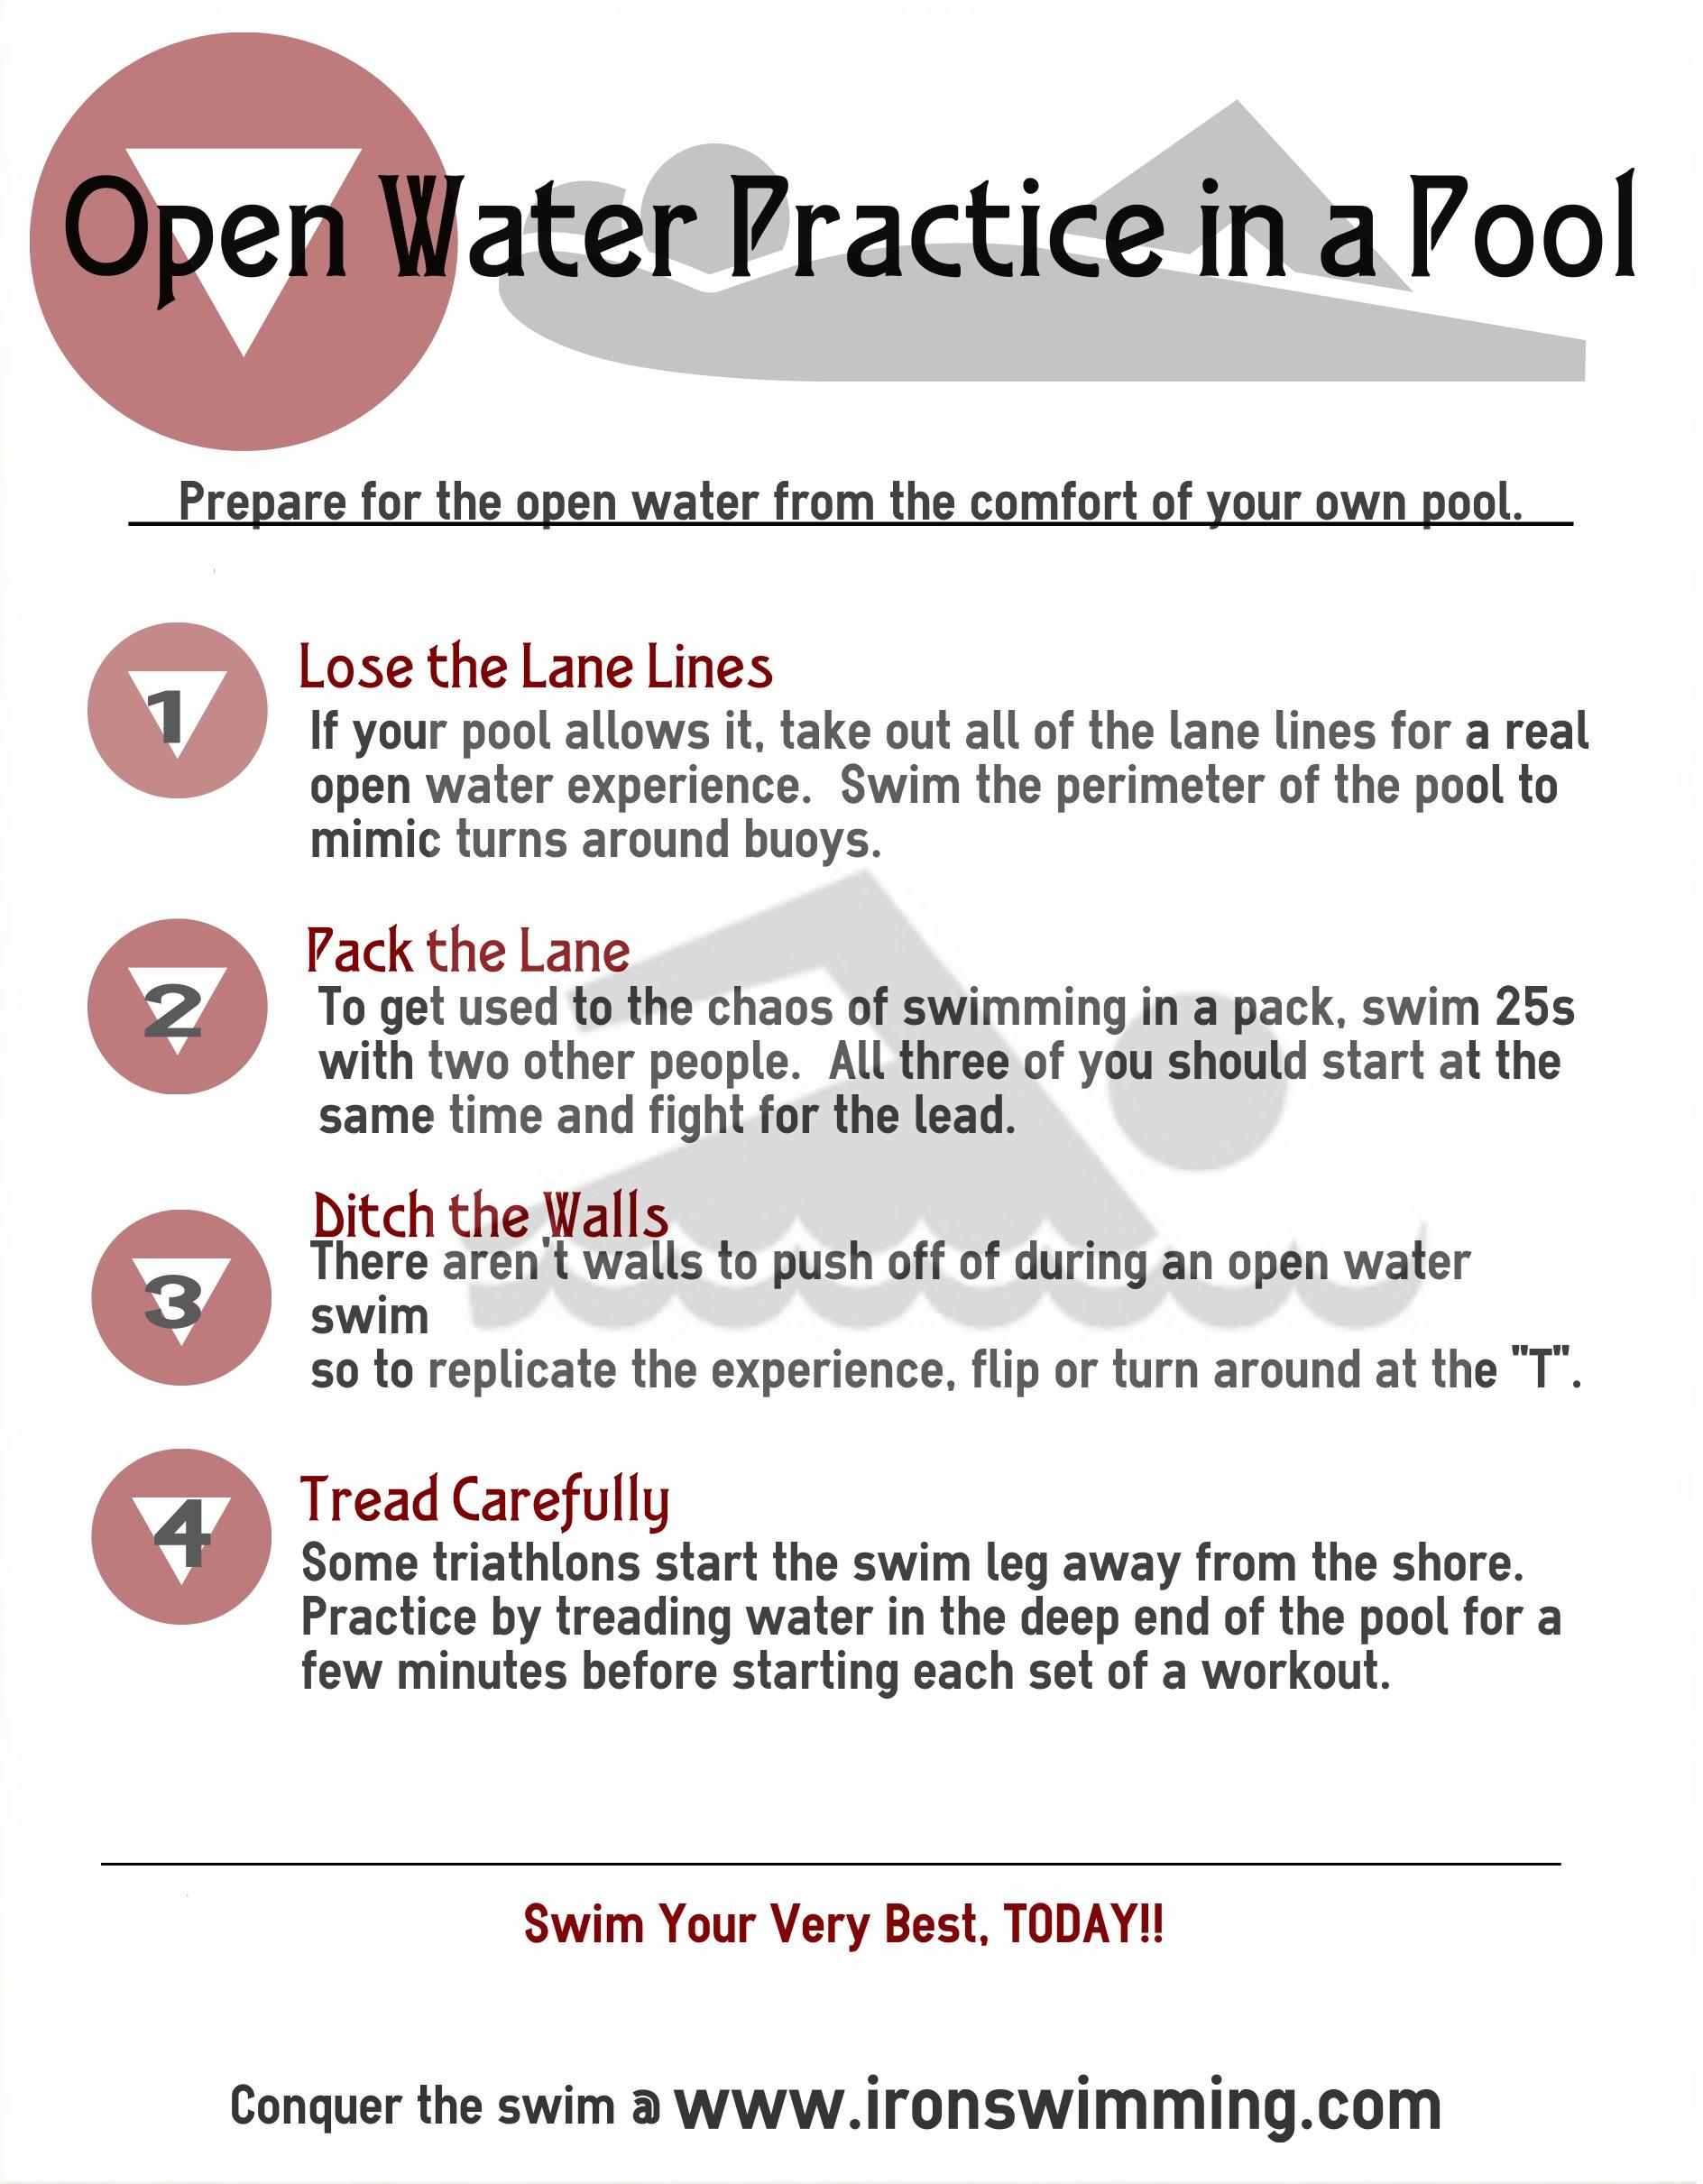 OpenWaterPractice (1)